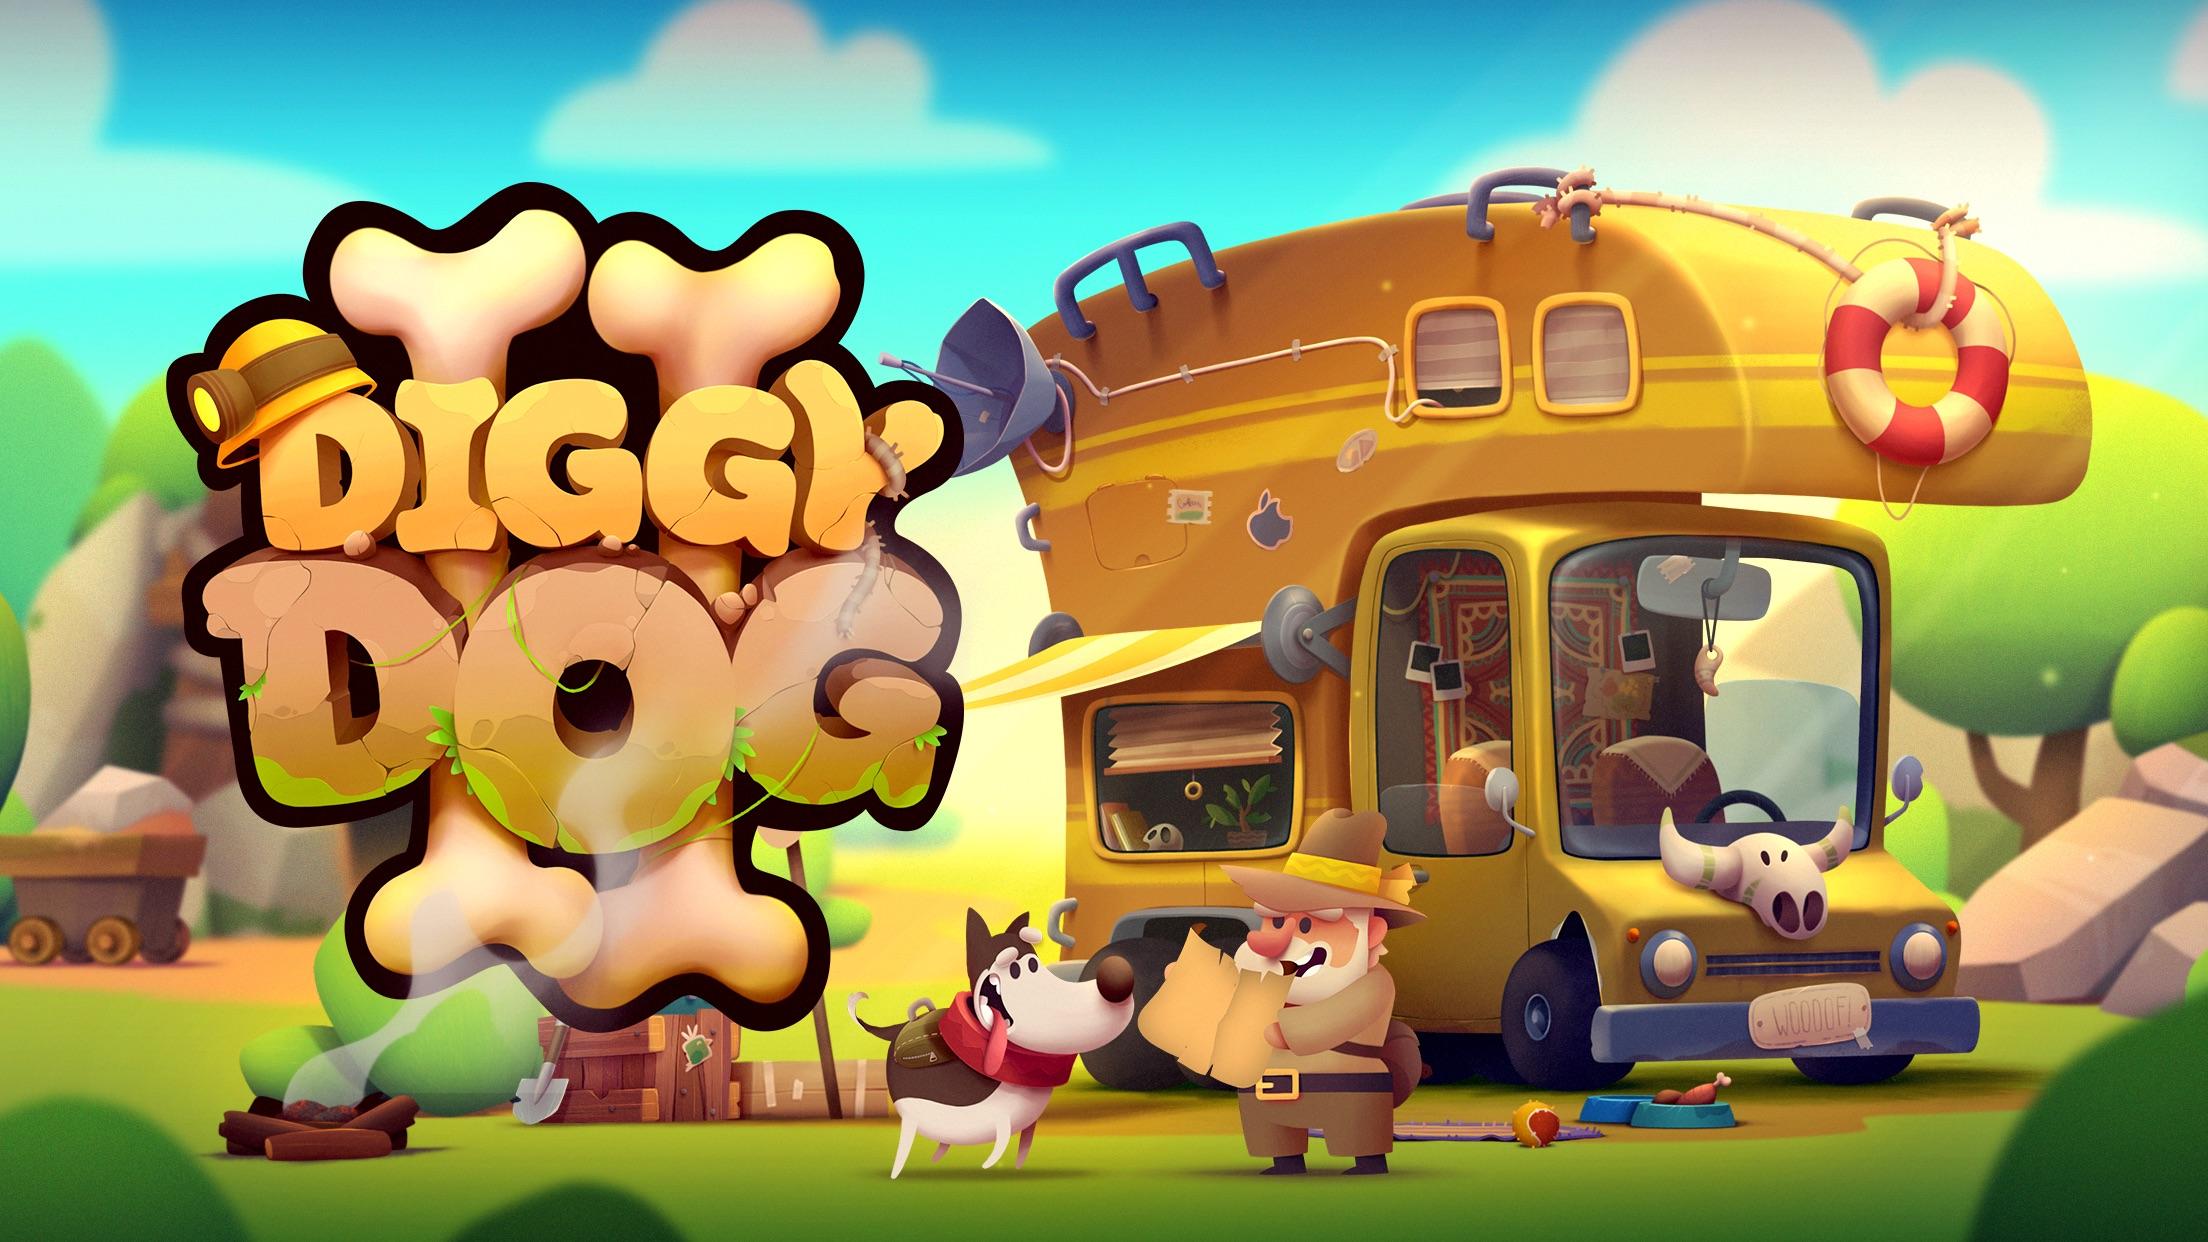 Screenshot do app My Diggy Dog 2